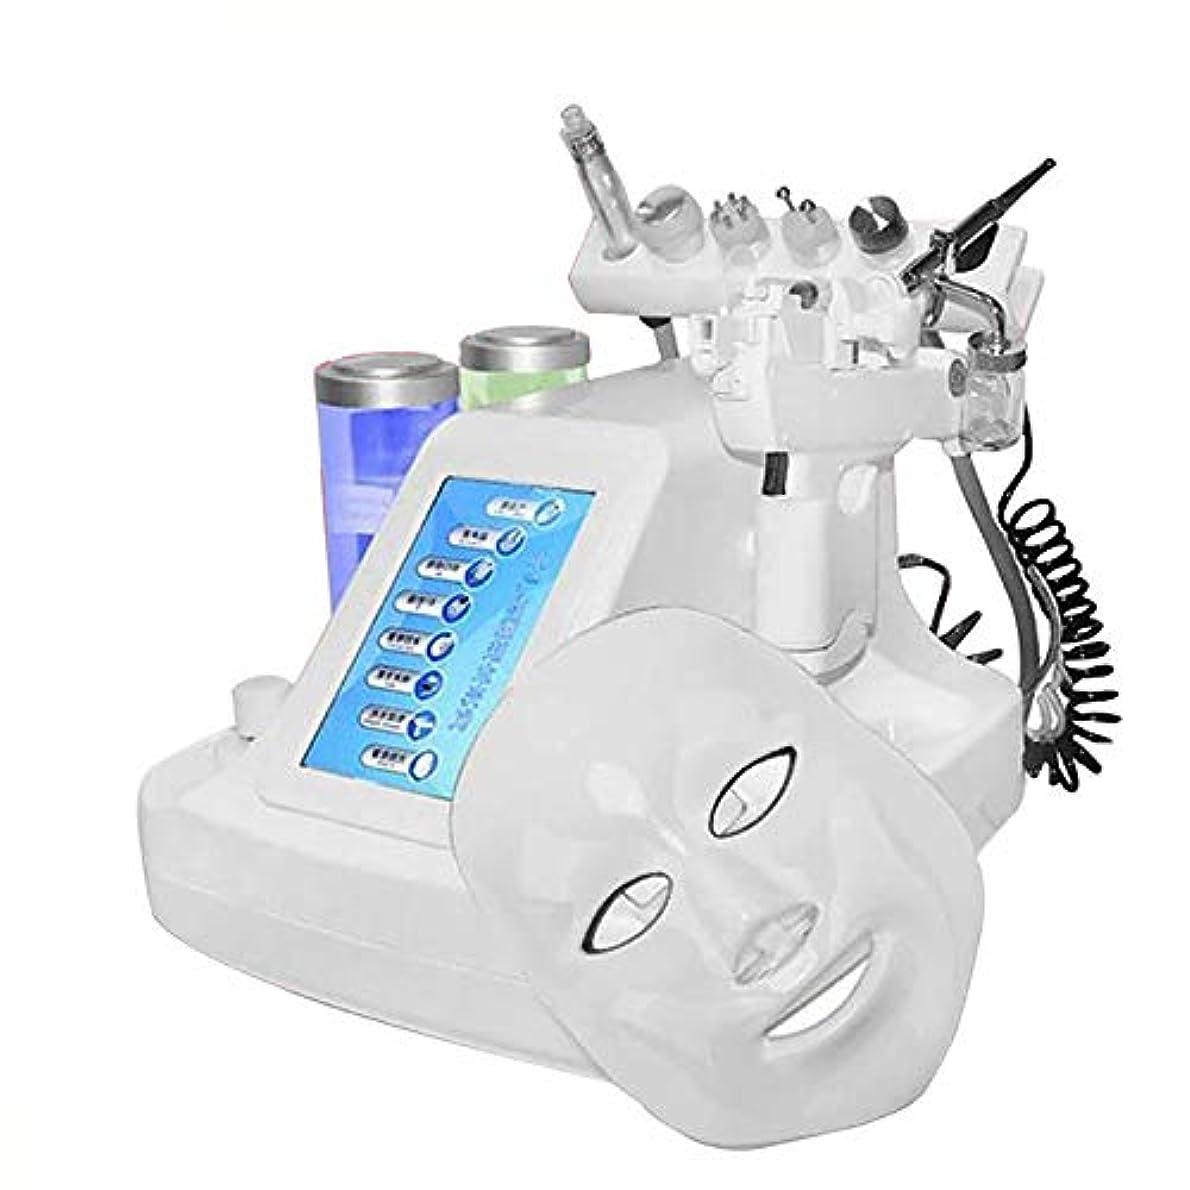 ストッキングバナナペック1台の水の酸素マシン、水ハイドロ皮膚剥離?フェイシャルスプレー保湿若返りスキン機で8